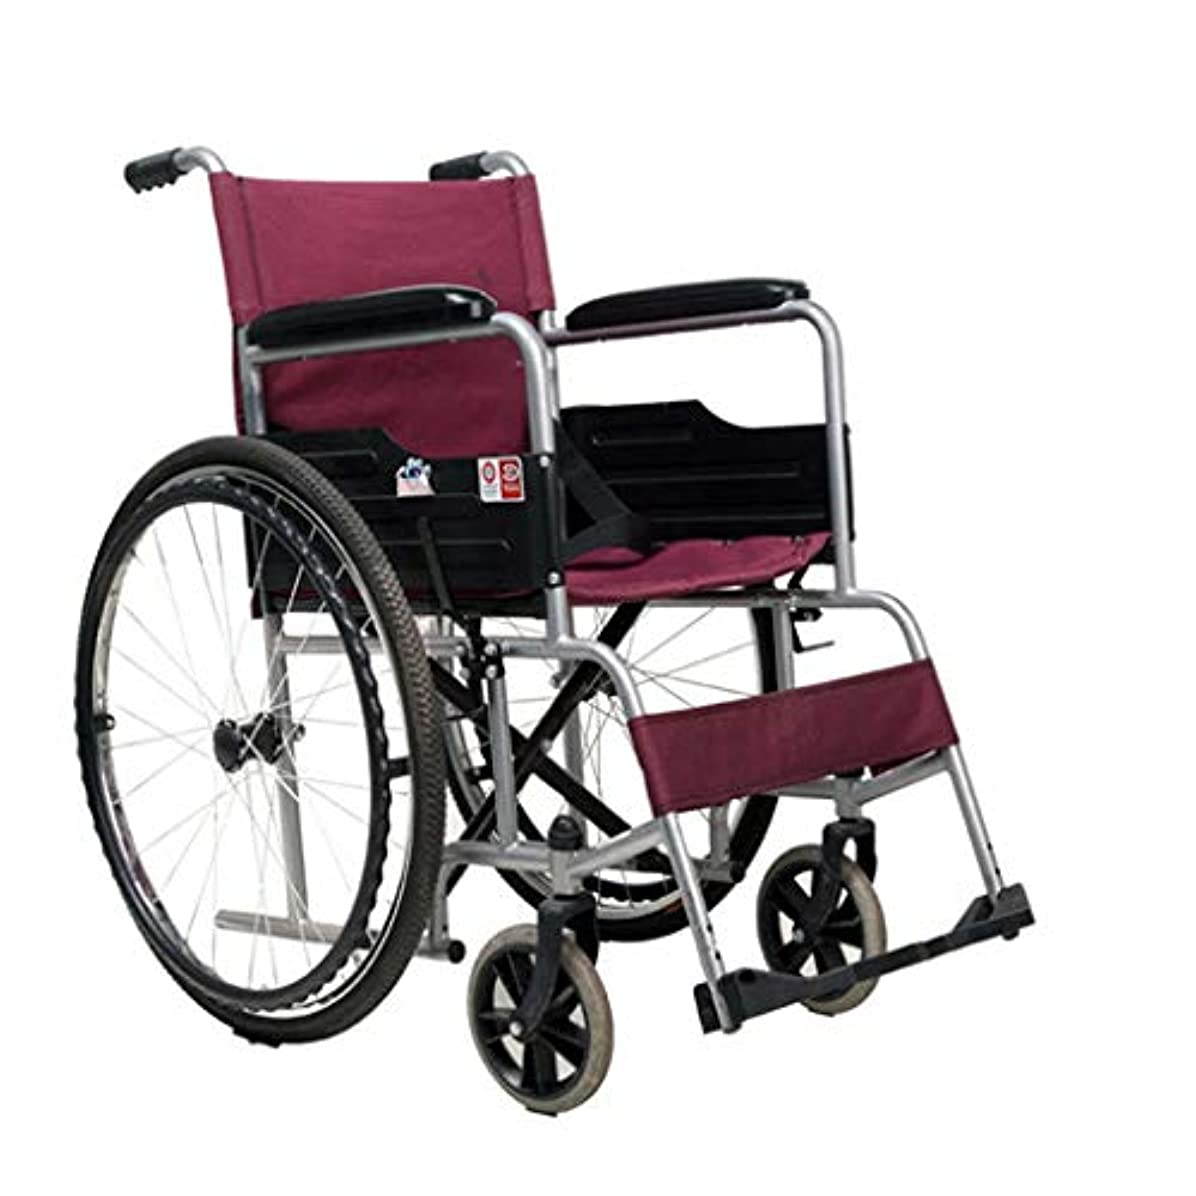 委託ブリードカセットアルミ製車椅子、軽量折りたたみ式フレーム、客室乗務員用車椅子、携帯用輸送椅子、空気入りタイヤ